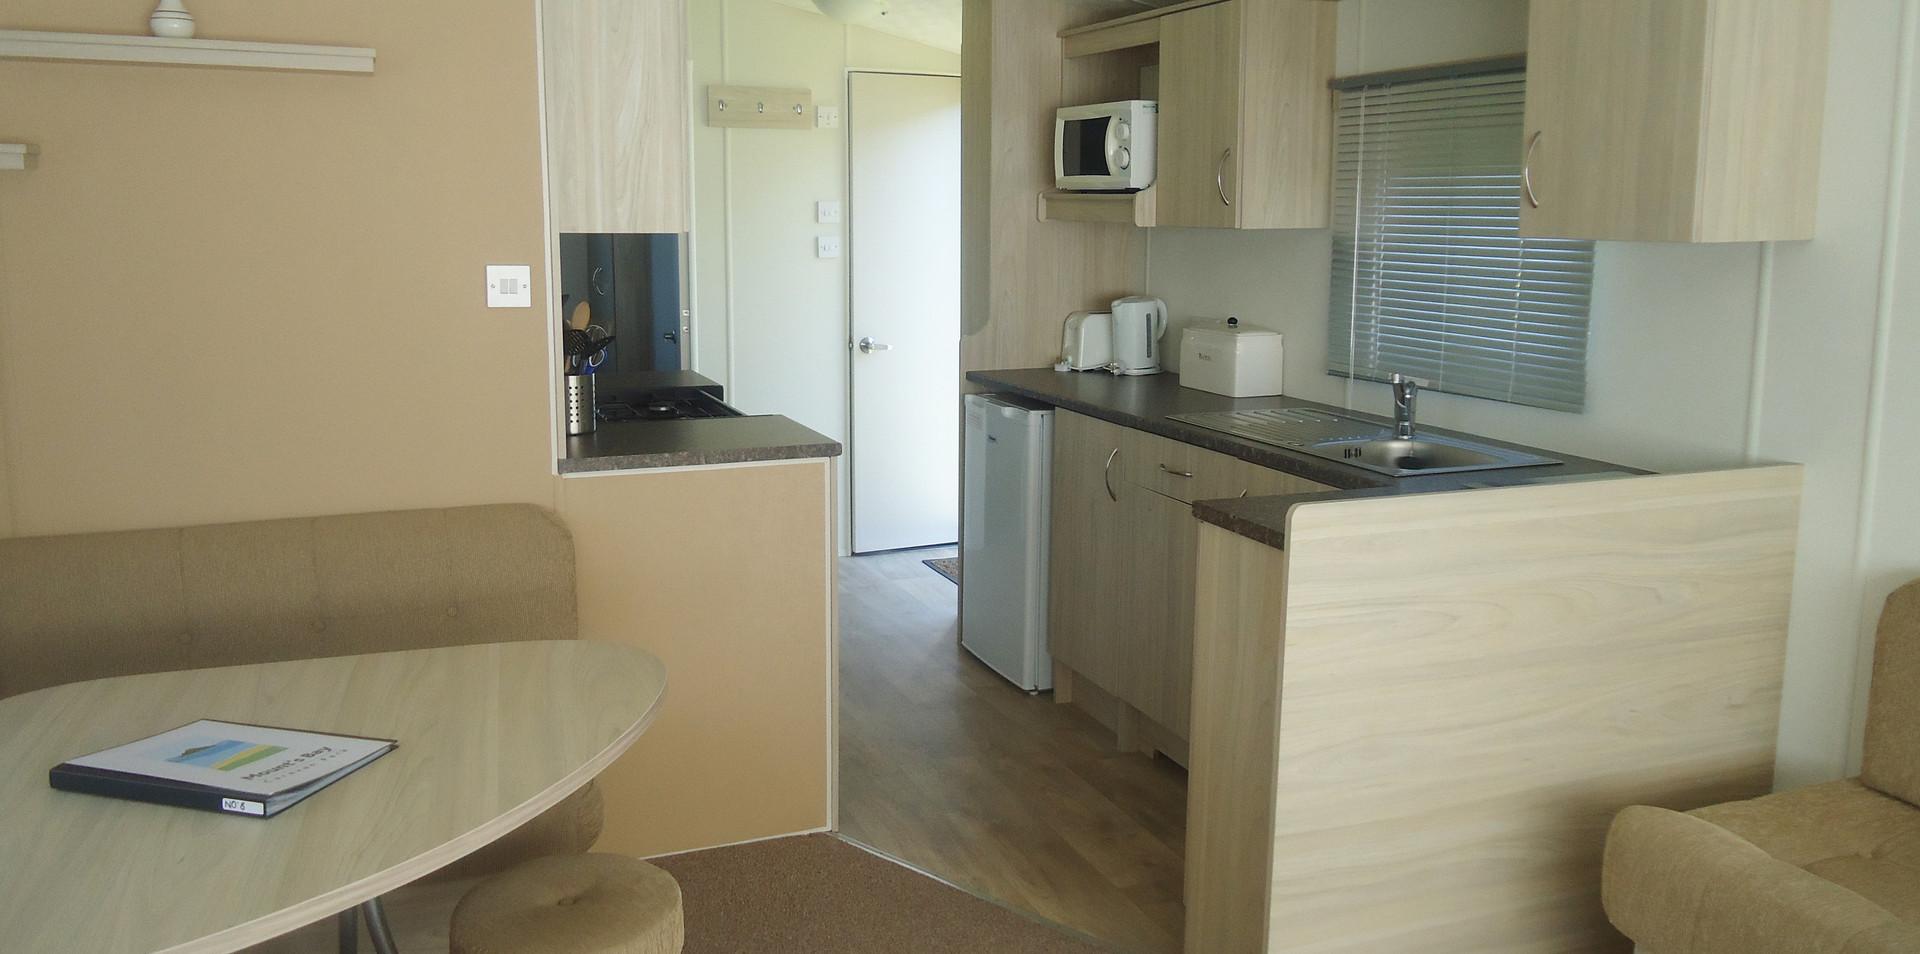 Mount's Bay Caravan Park - Resort9